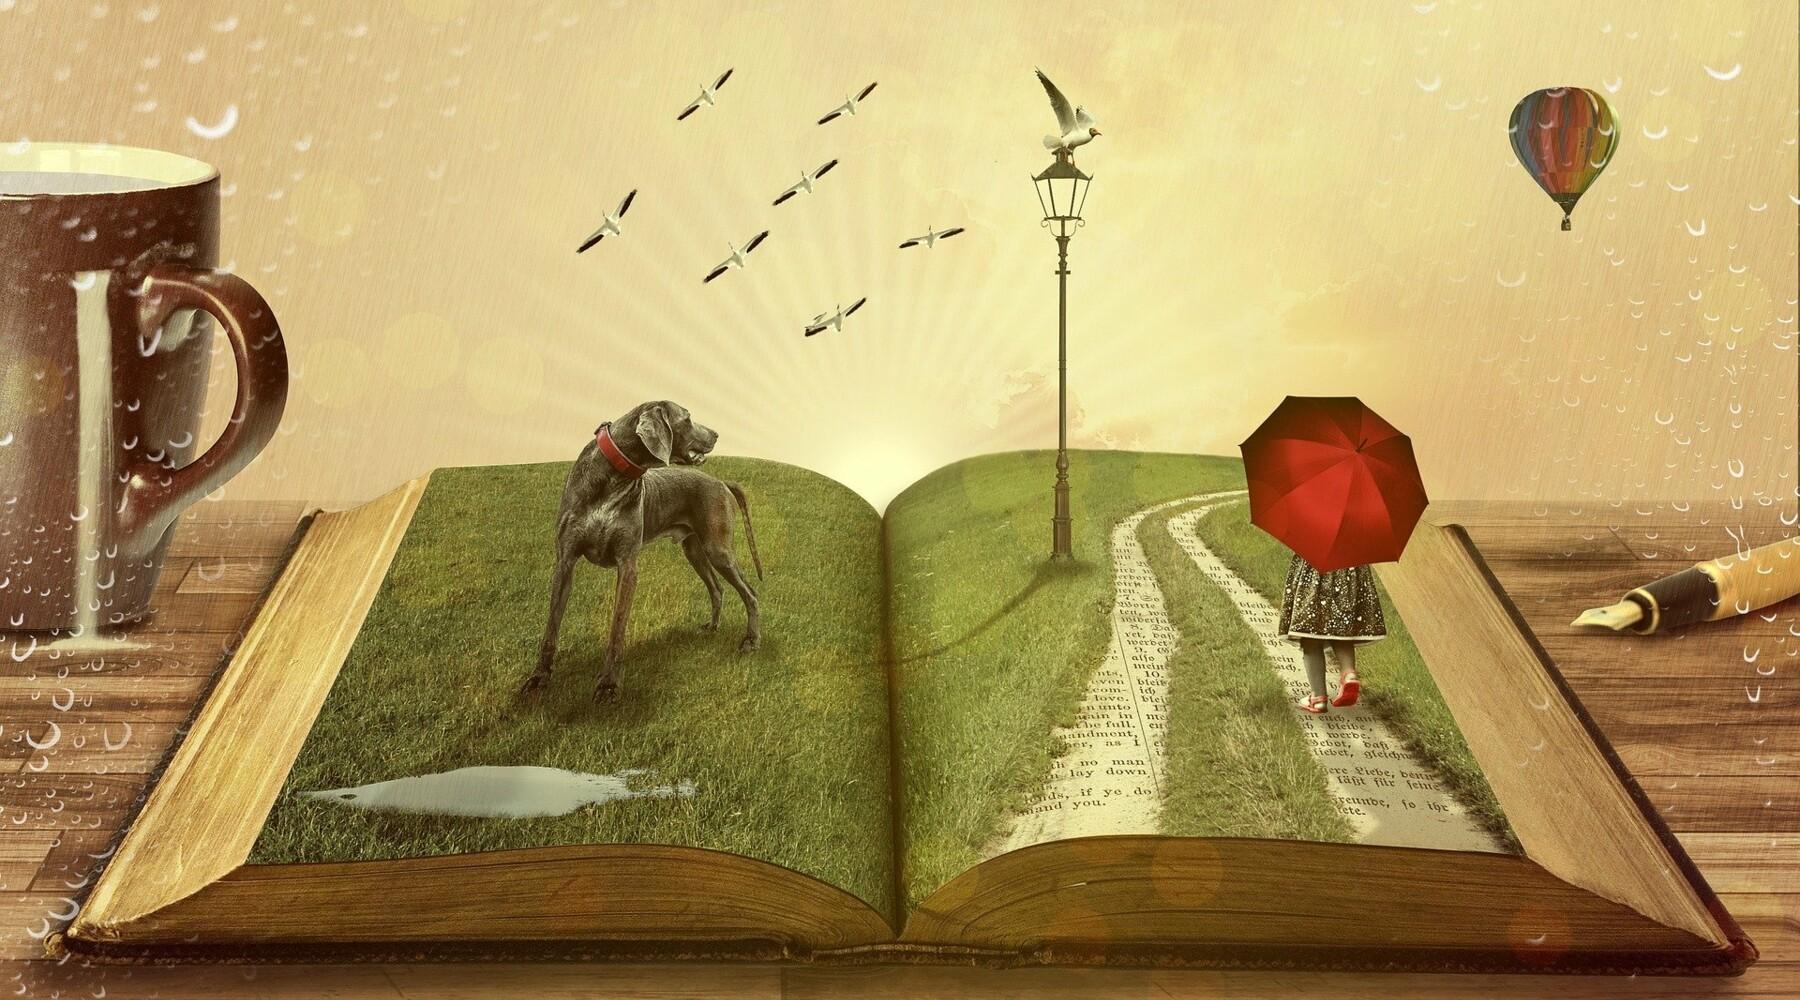 Rêver, voyager, apprendre... Comment s'occuper pendant le confinement ?